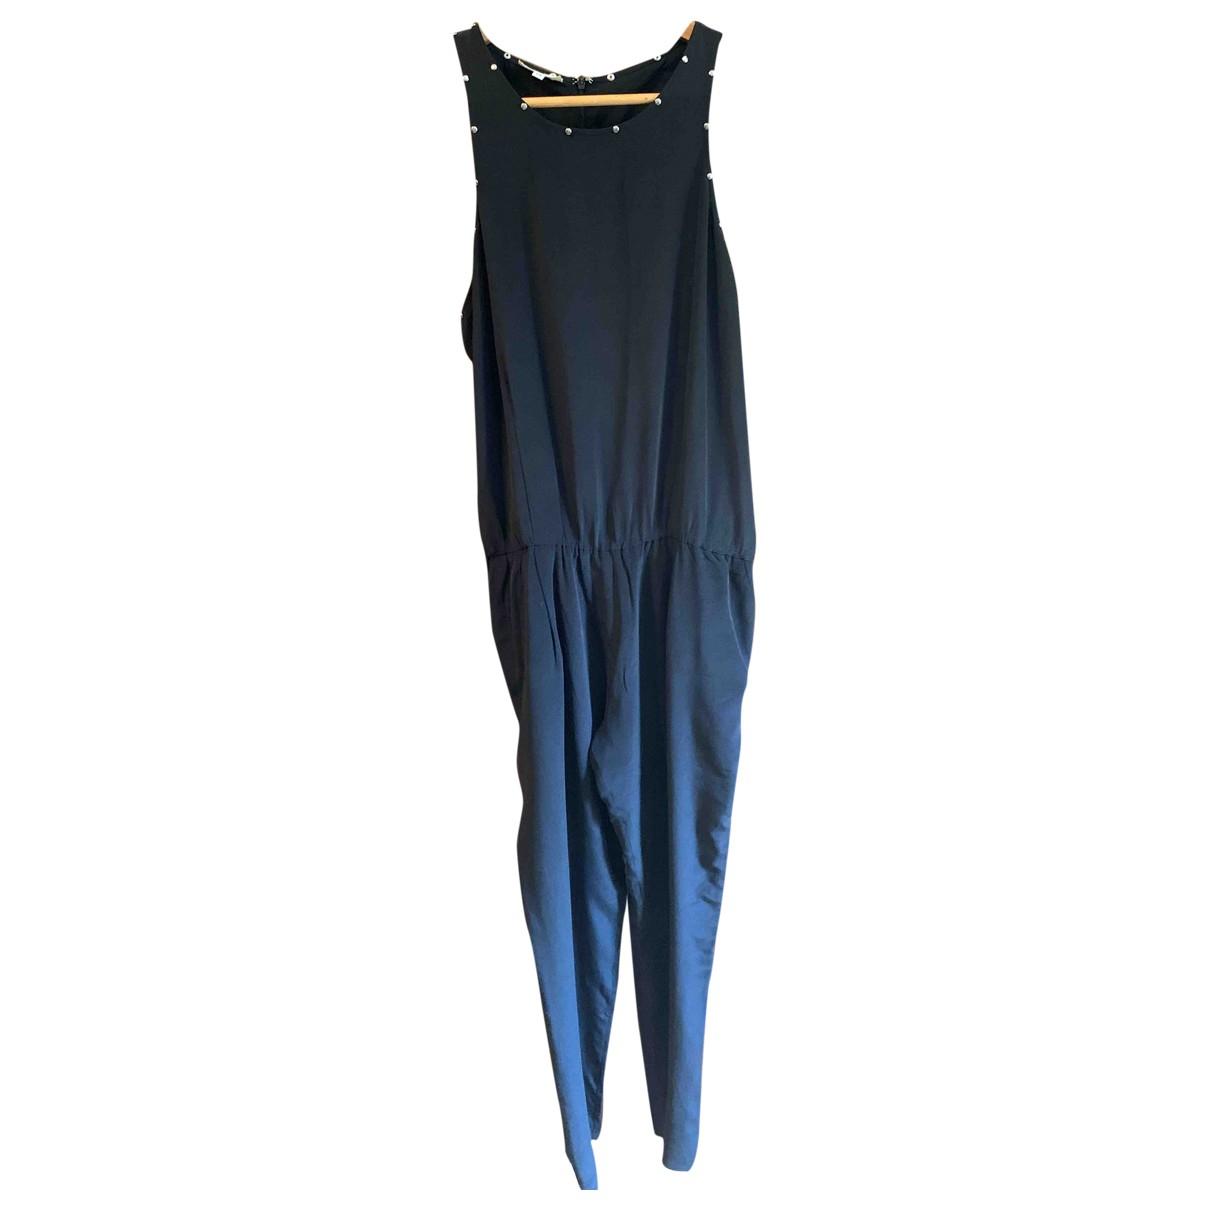 Bel Air - Combinaison   pour femme en soie - noir